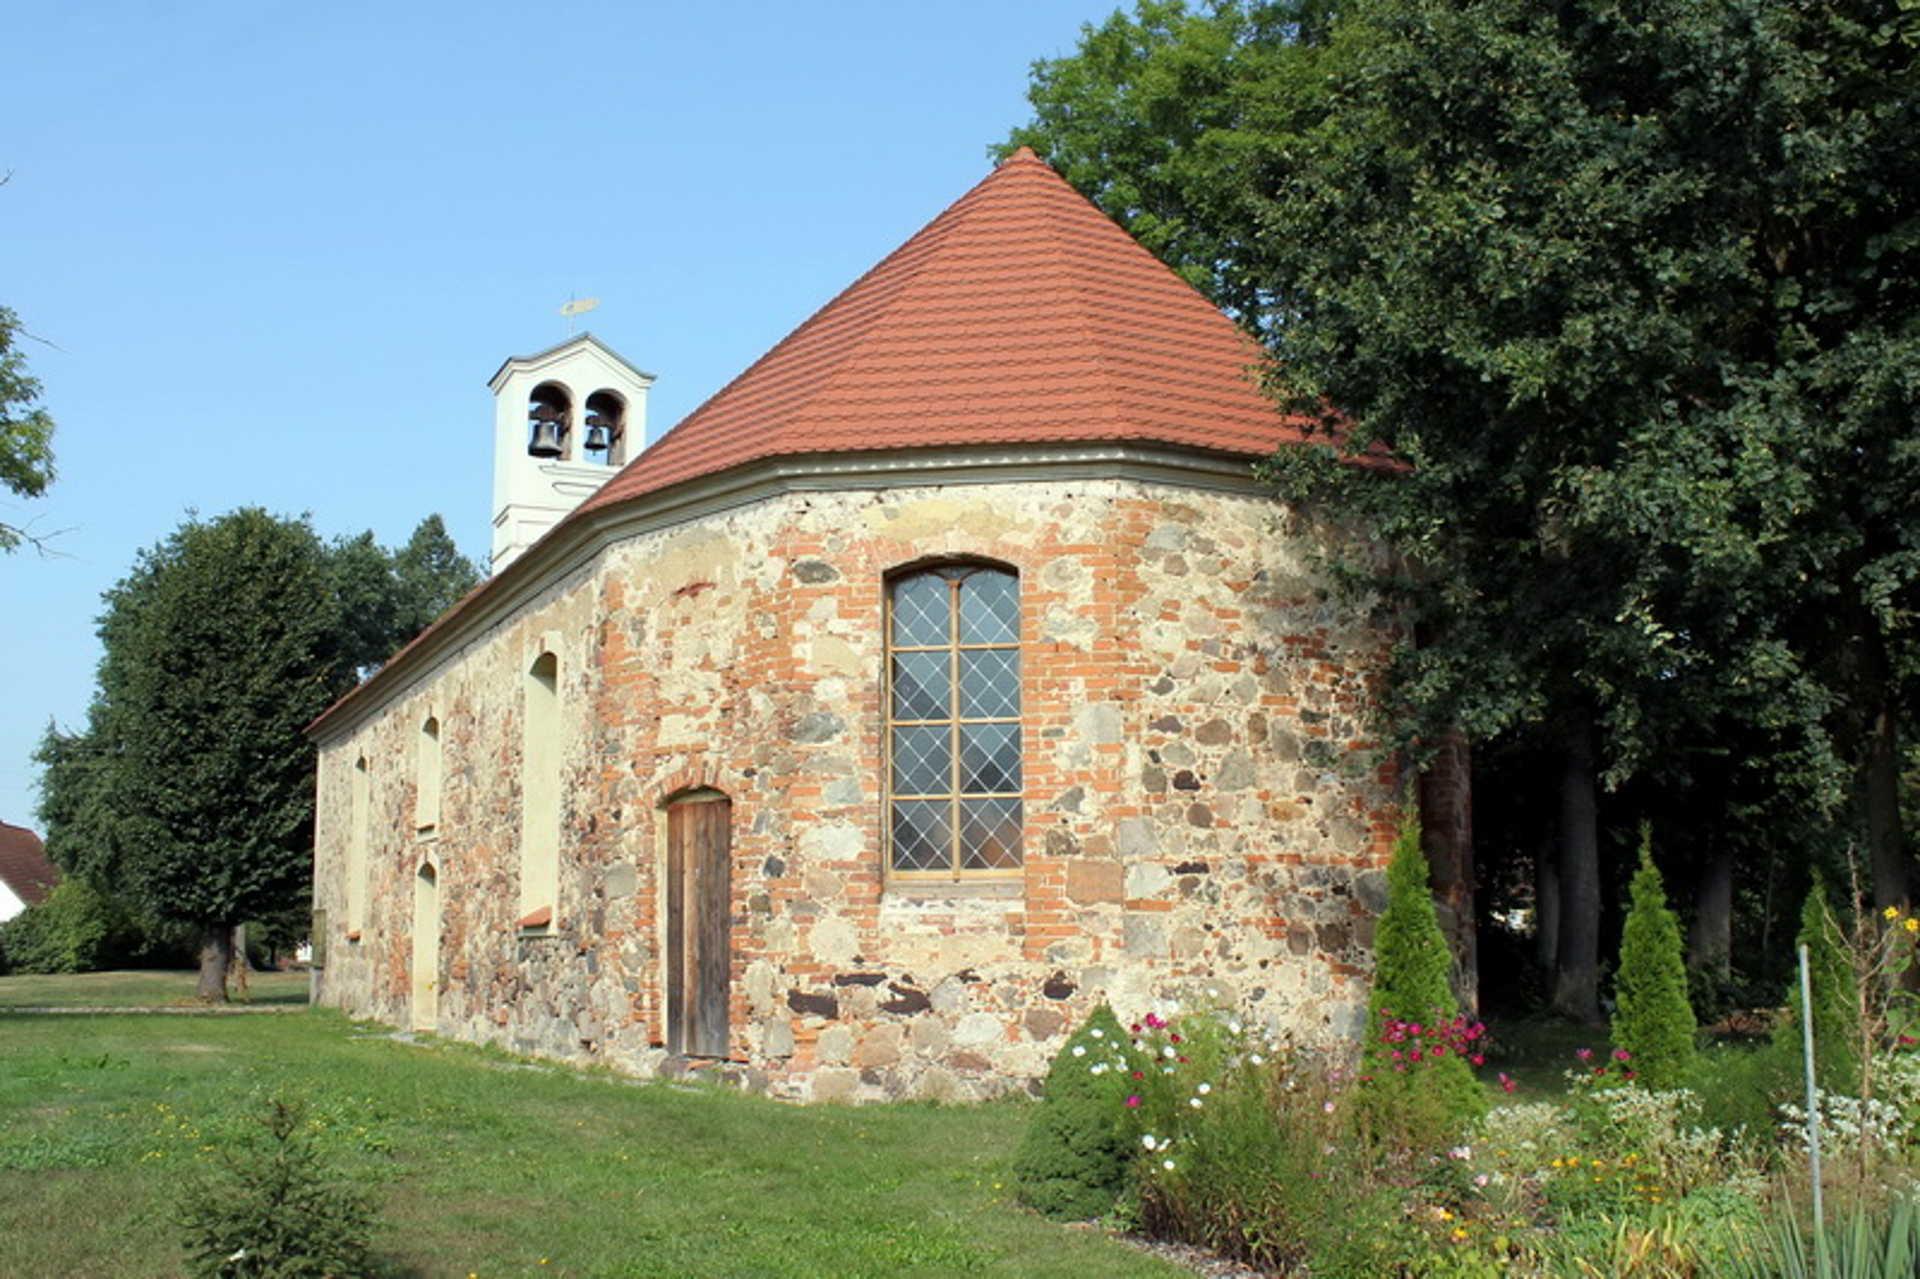 Dorfkirche in Wüstenhain, Foto: Stadt Vetschau/Spreewald